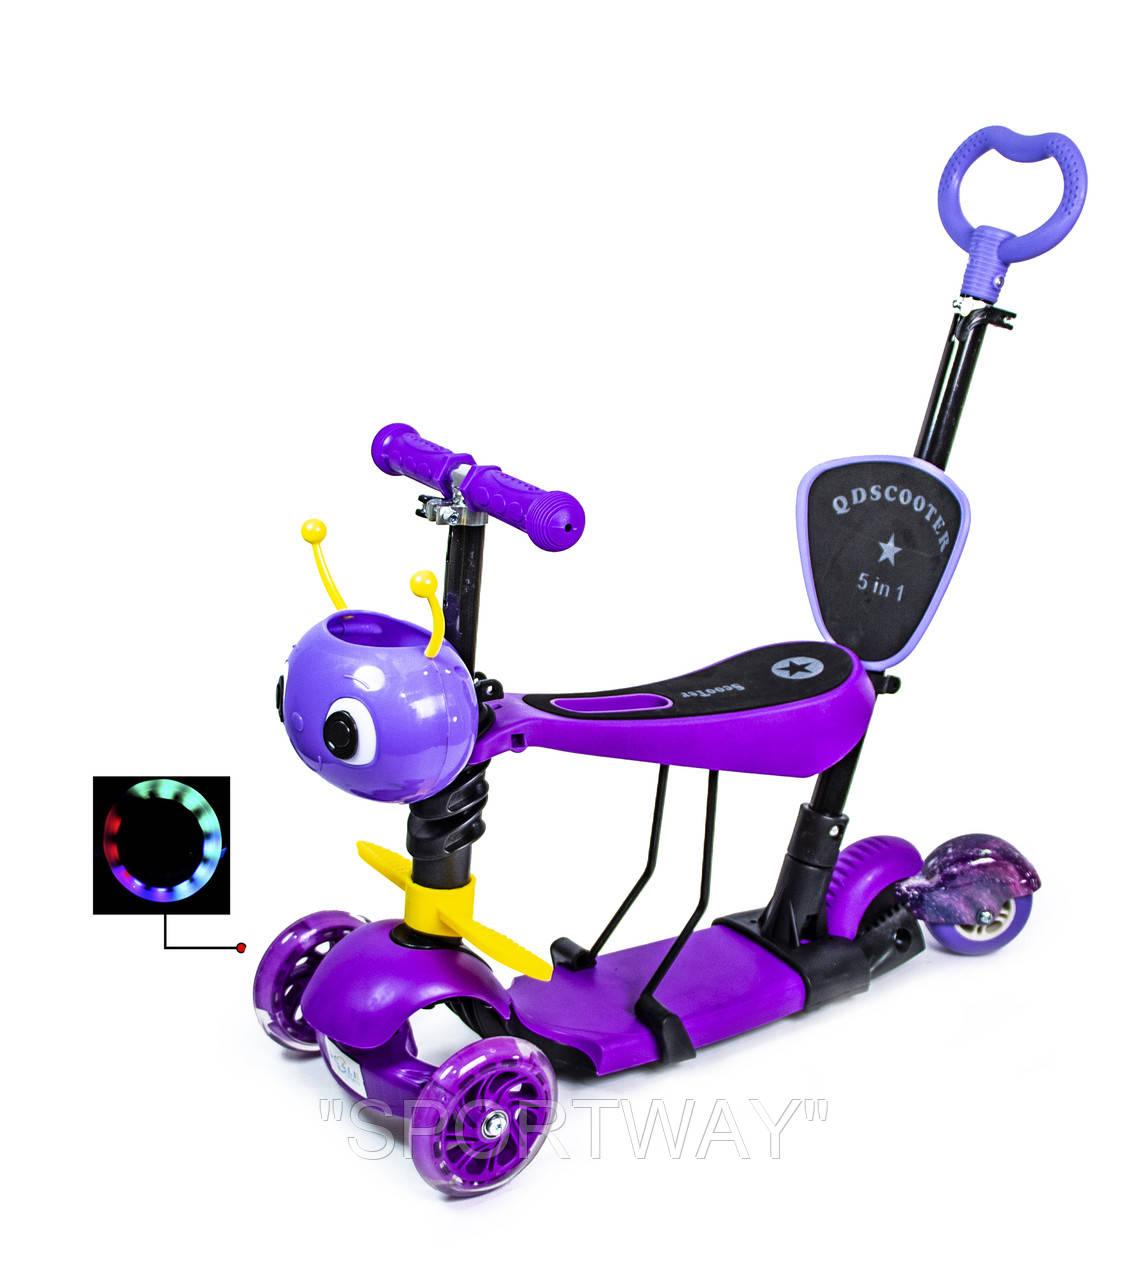 """Самокат Scooter 5in1 """"Пчелка"""" с задним приводом! Фиолетовый цвет."""